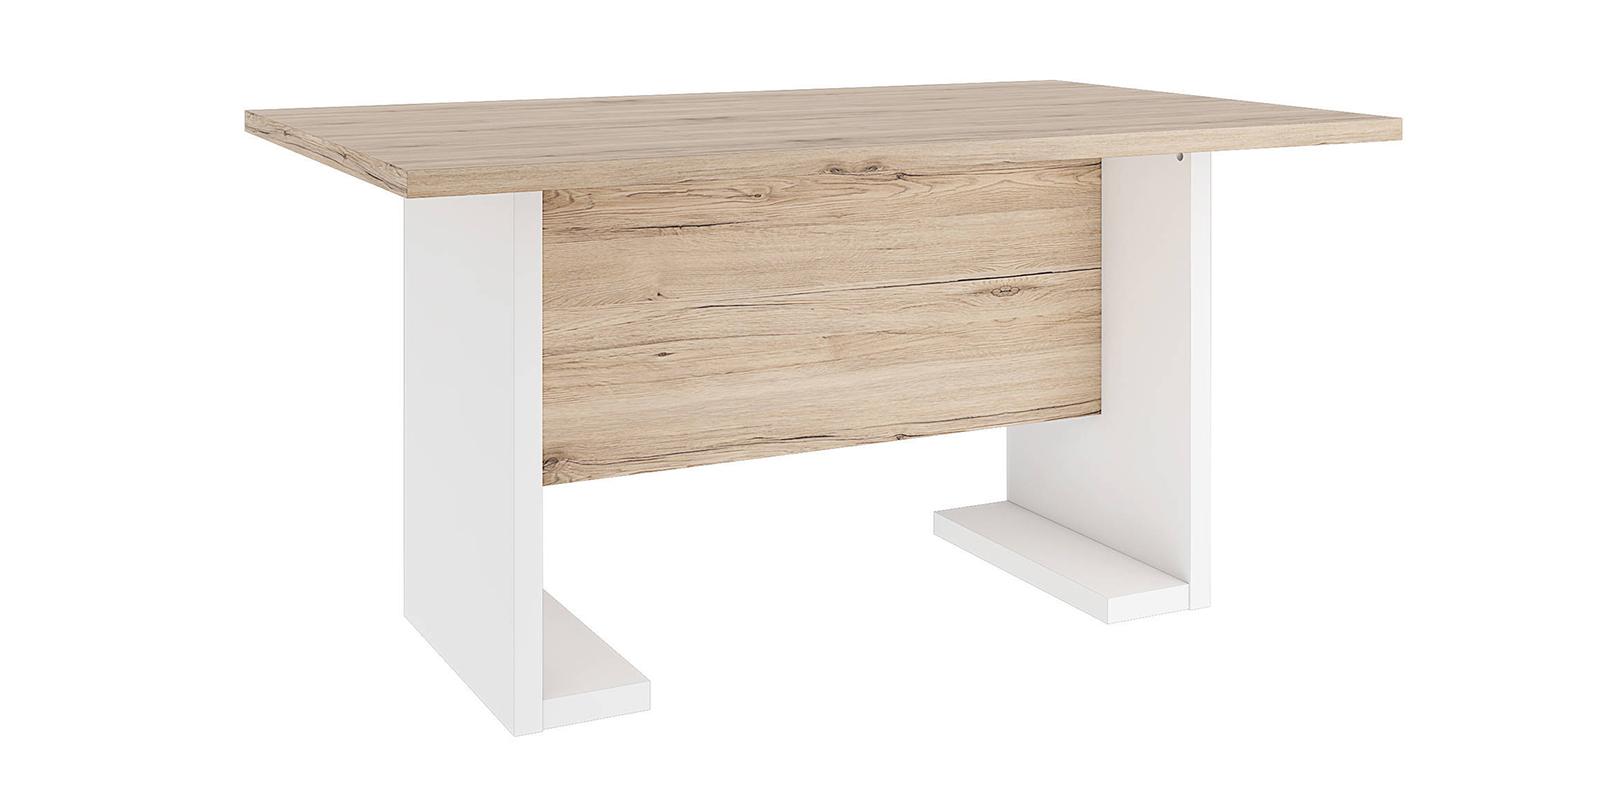 Стол обеденный Альмерия (дуб санремо/белый) Альмерия